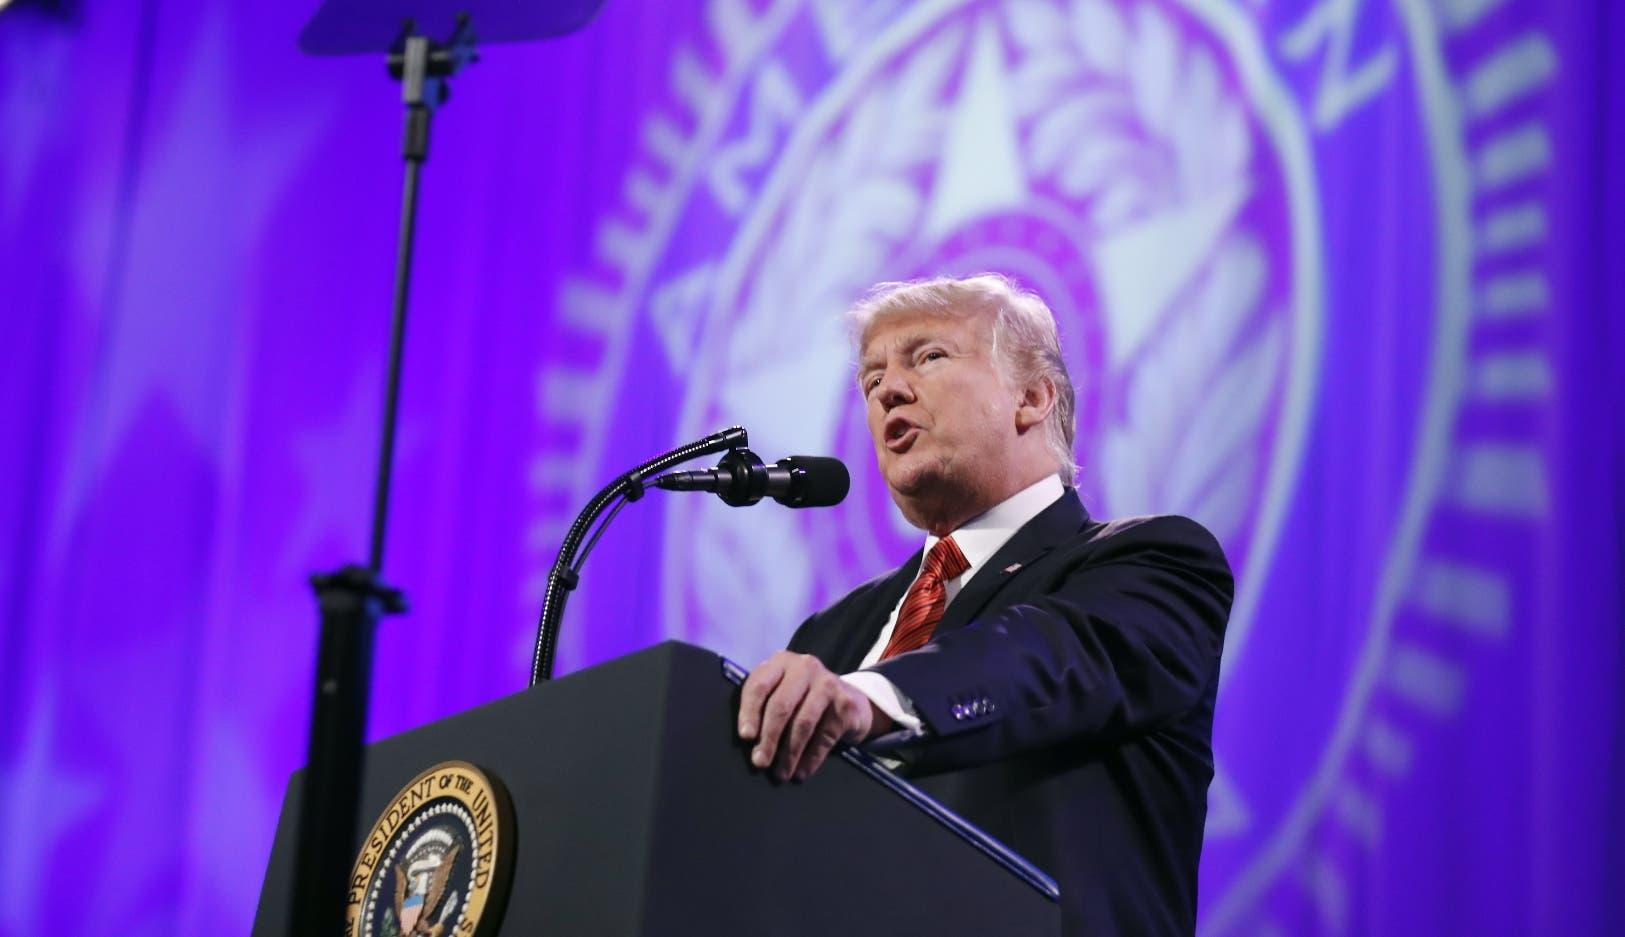 La amenaza de Donald Trump si no se construye el muro fronterizo